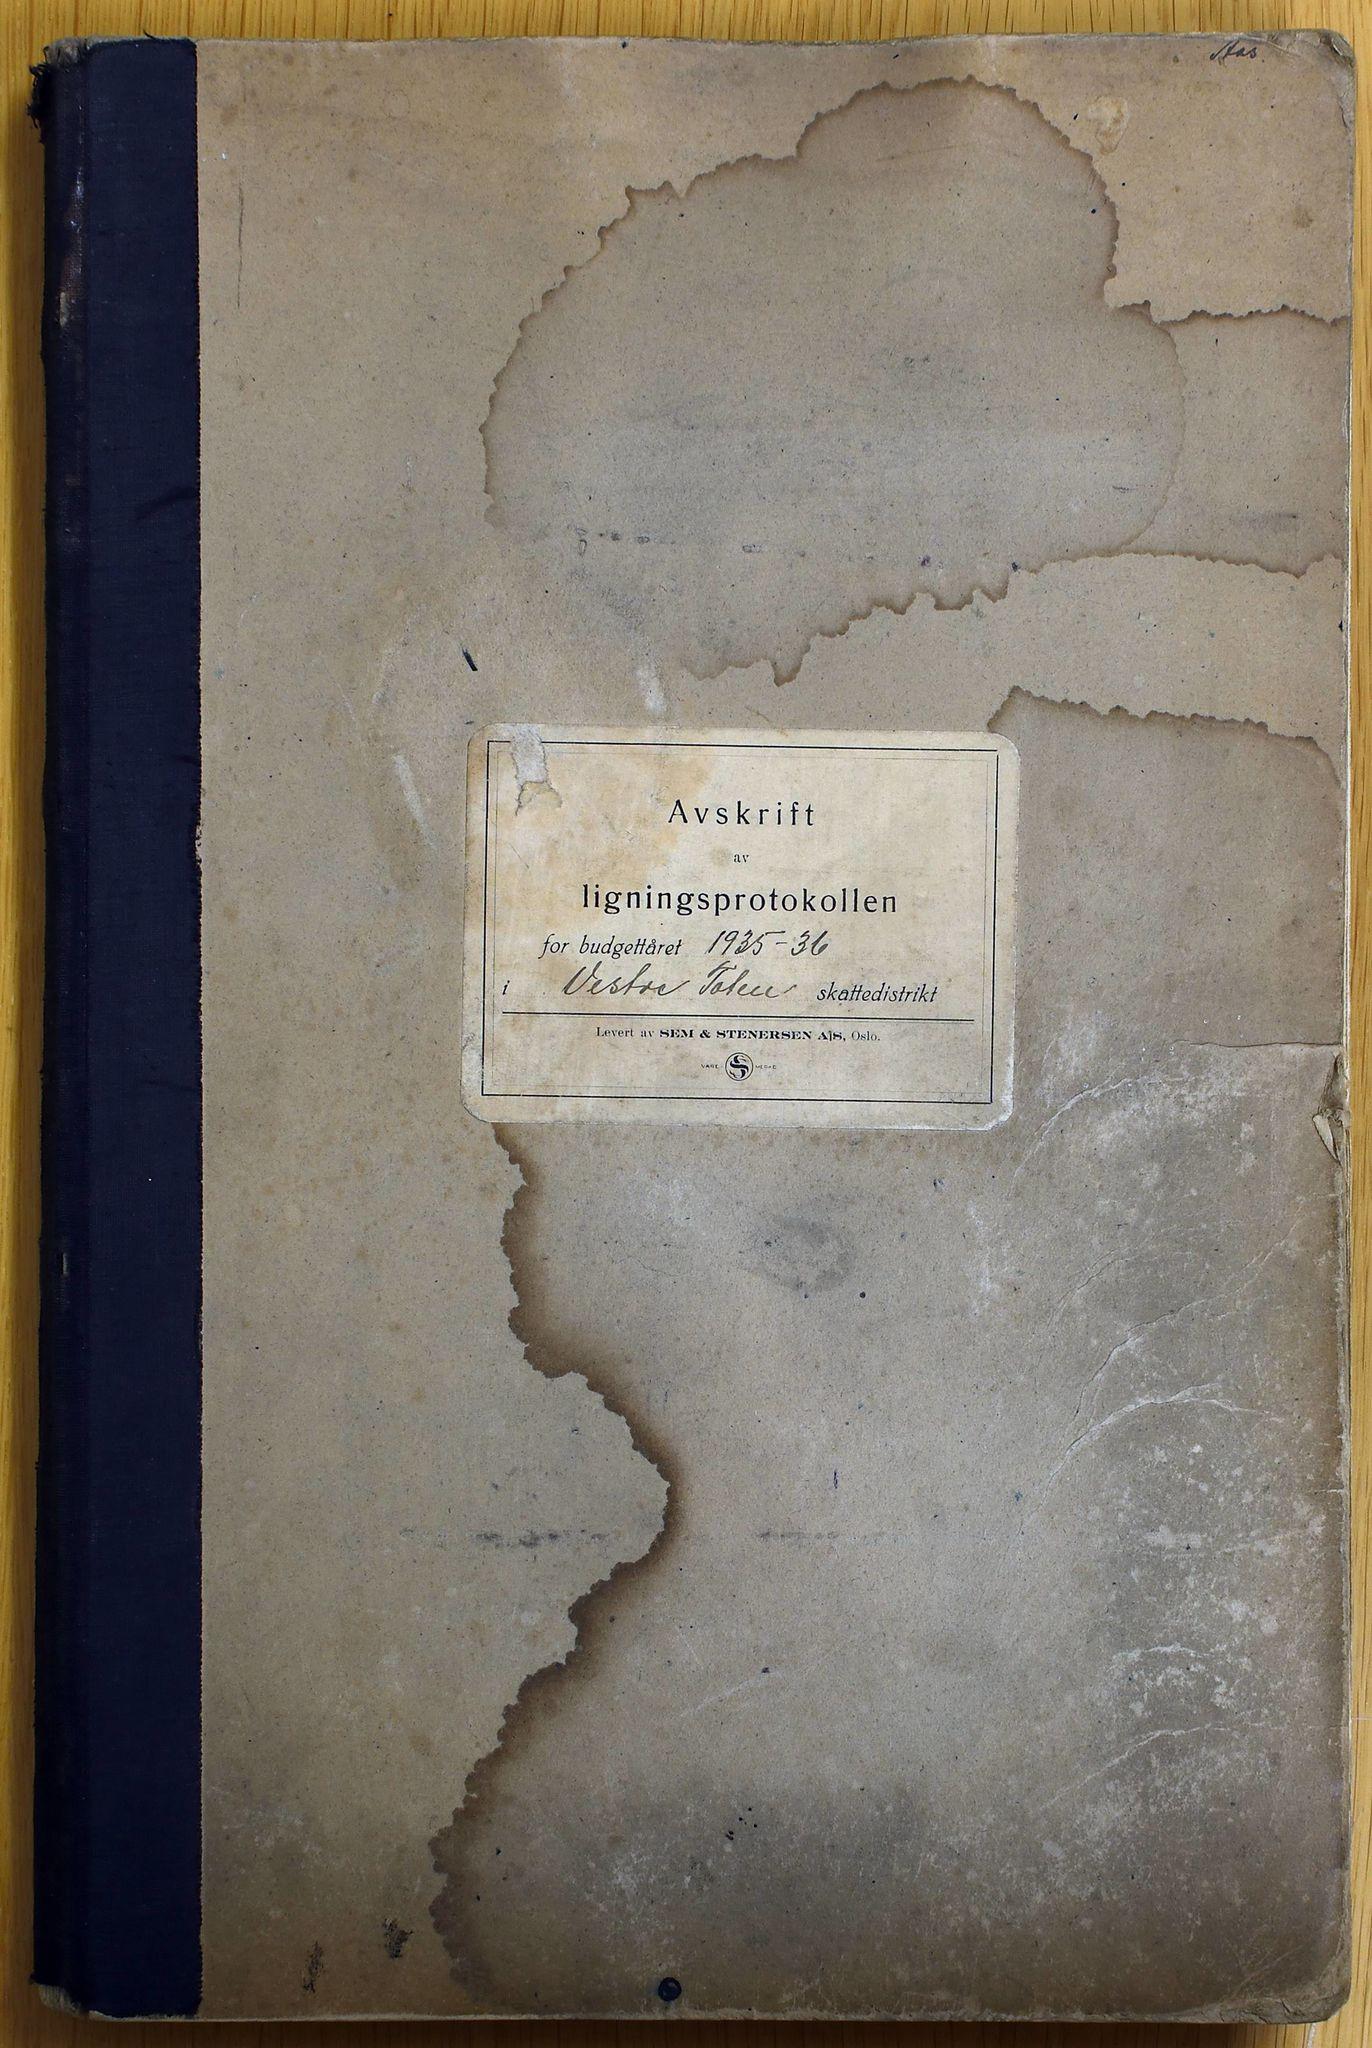 KVT, Vestre Toten kommunearkiv: Vestre Toten kommune, Avskrift av ligningsprotokollen for budsjettåret 1935-1936 i Vestre Toten skattedistrikt, 1935-1936